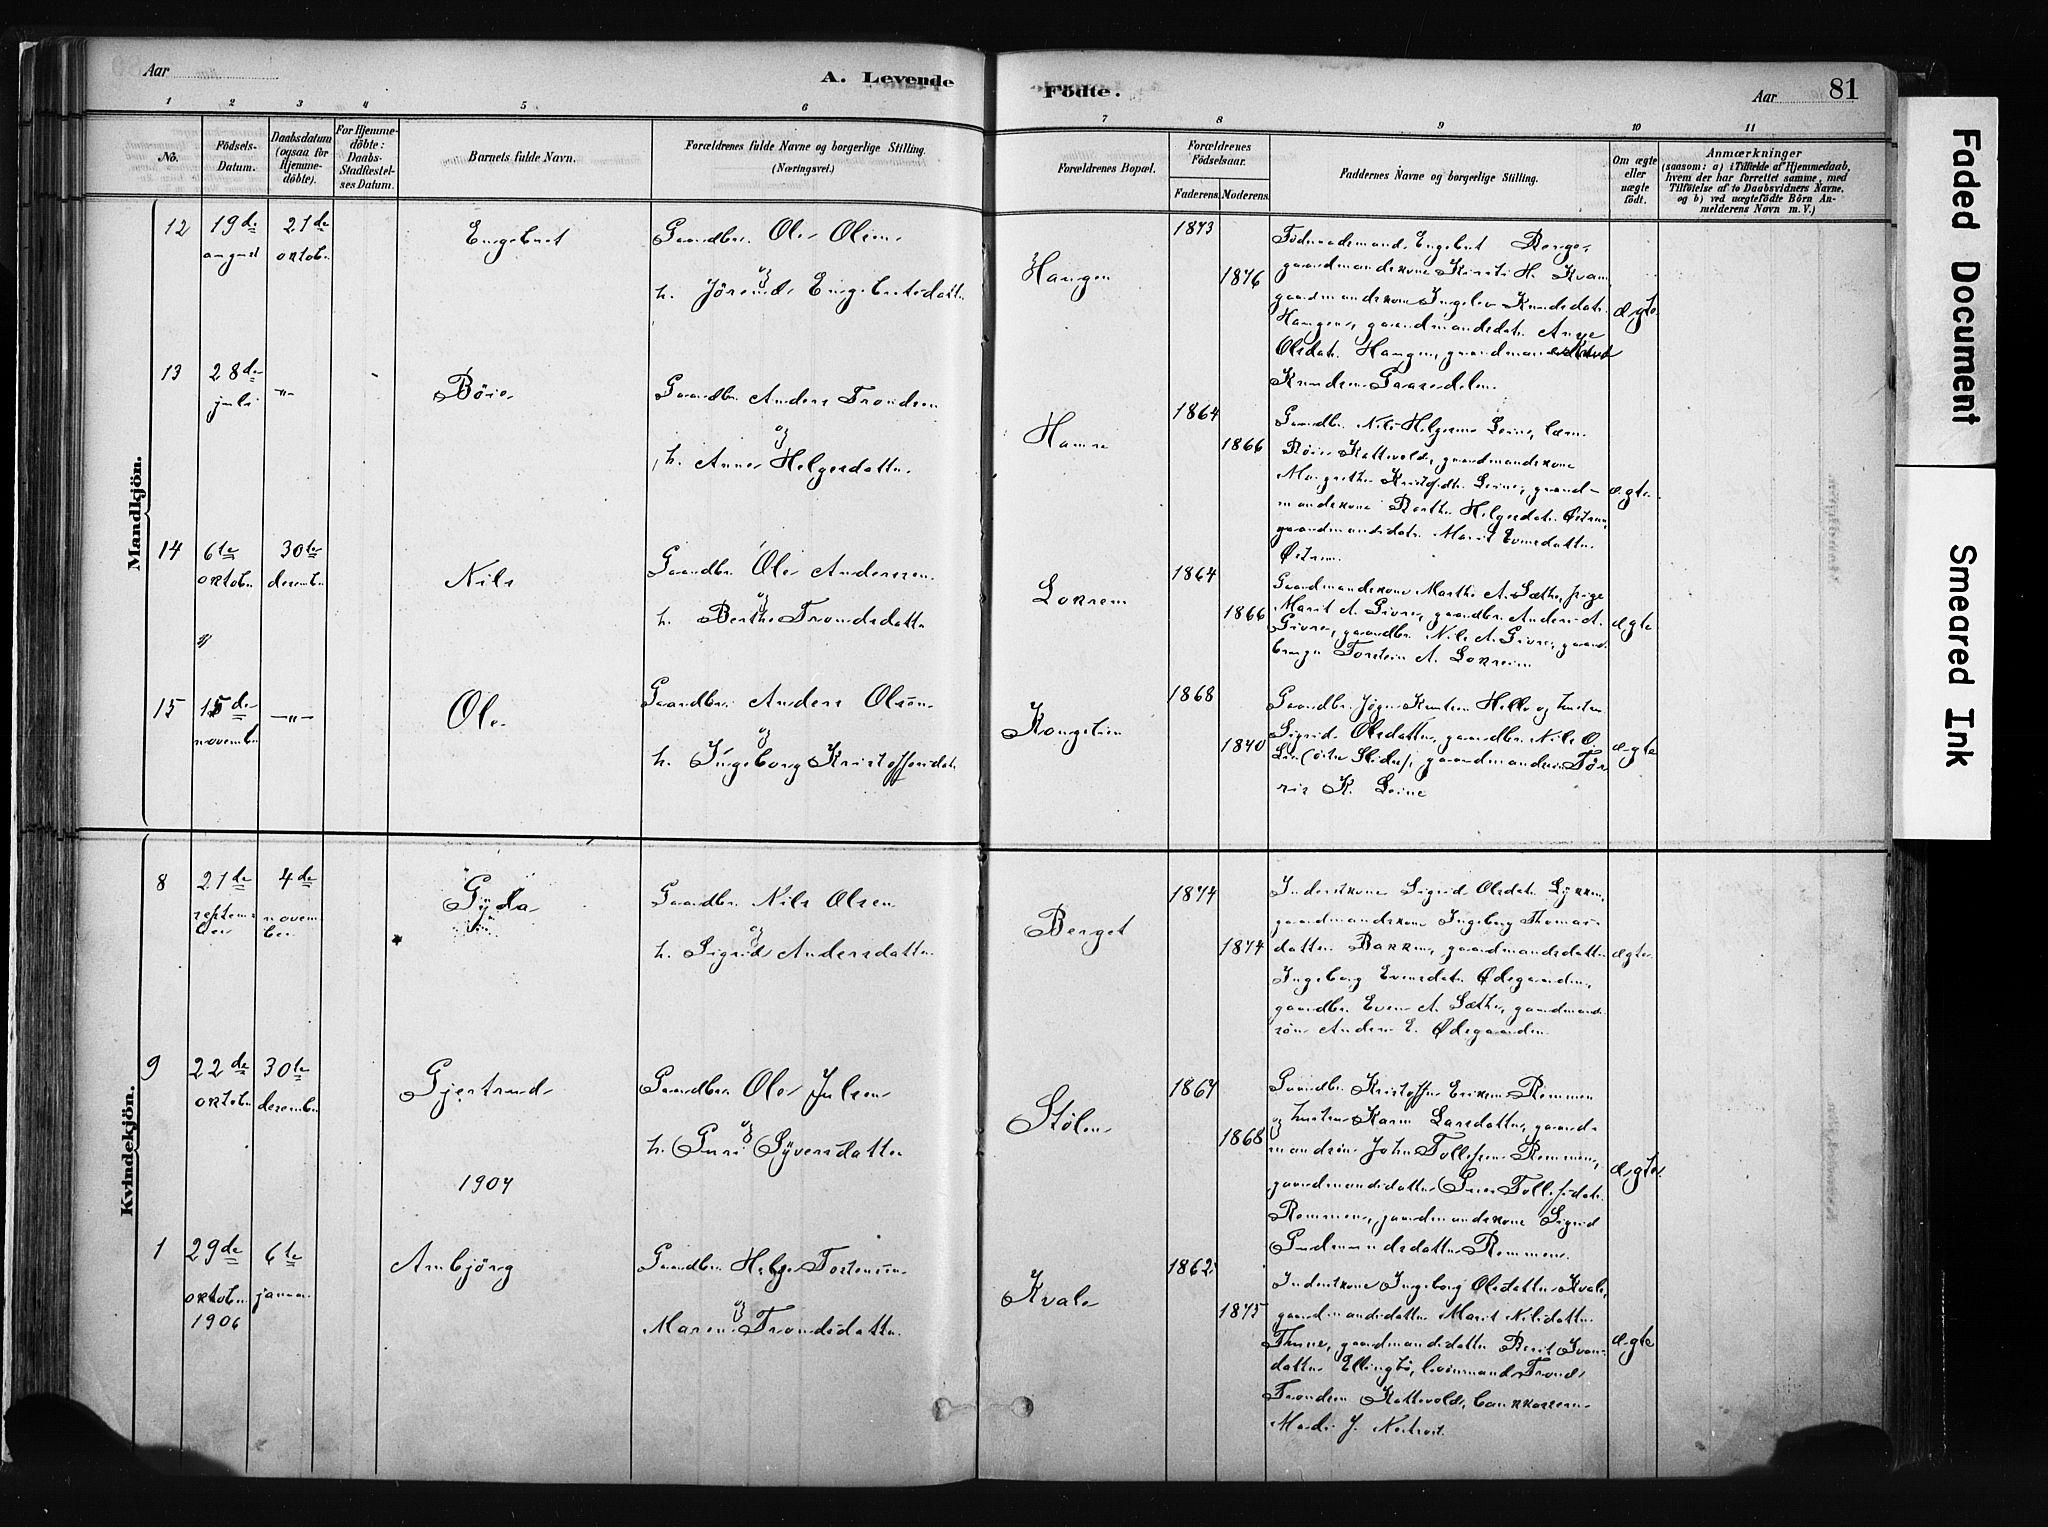 SAH, Vang prestekontor, Valdres, Ministerialbok nr. 8, 1882-1910, s. 81